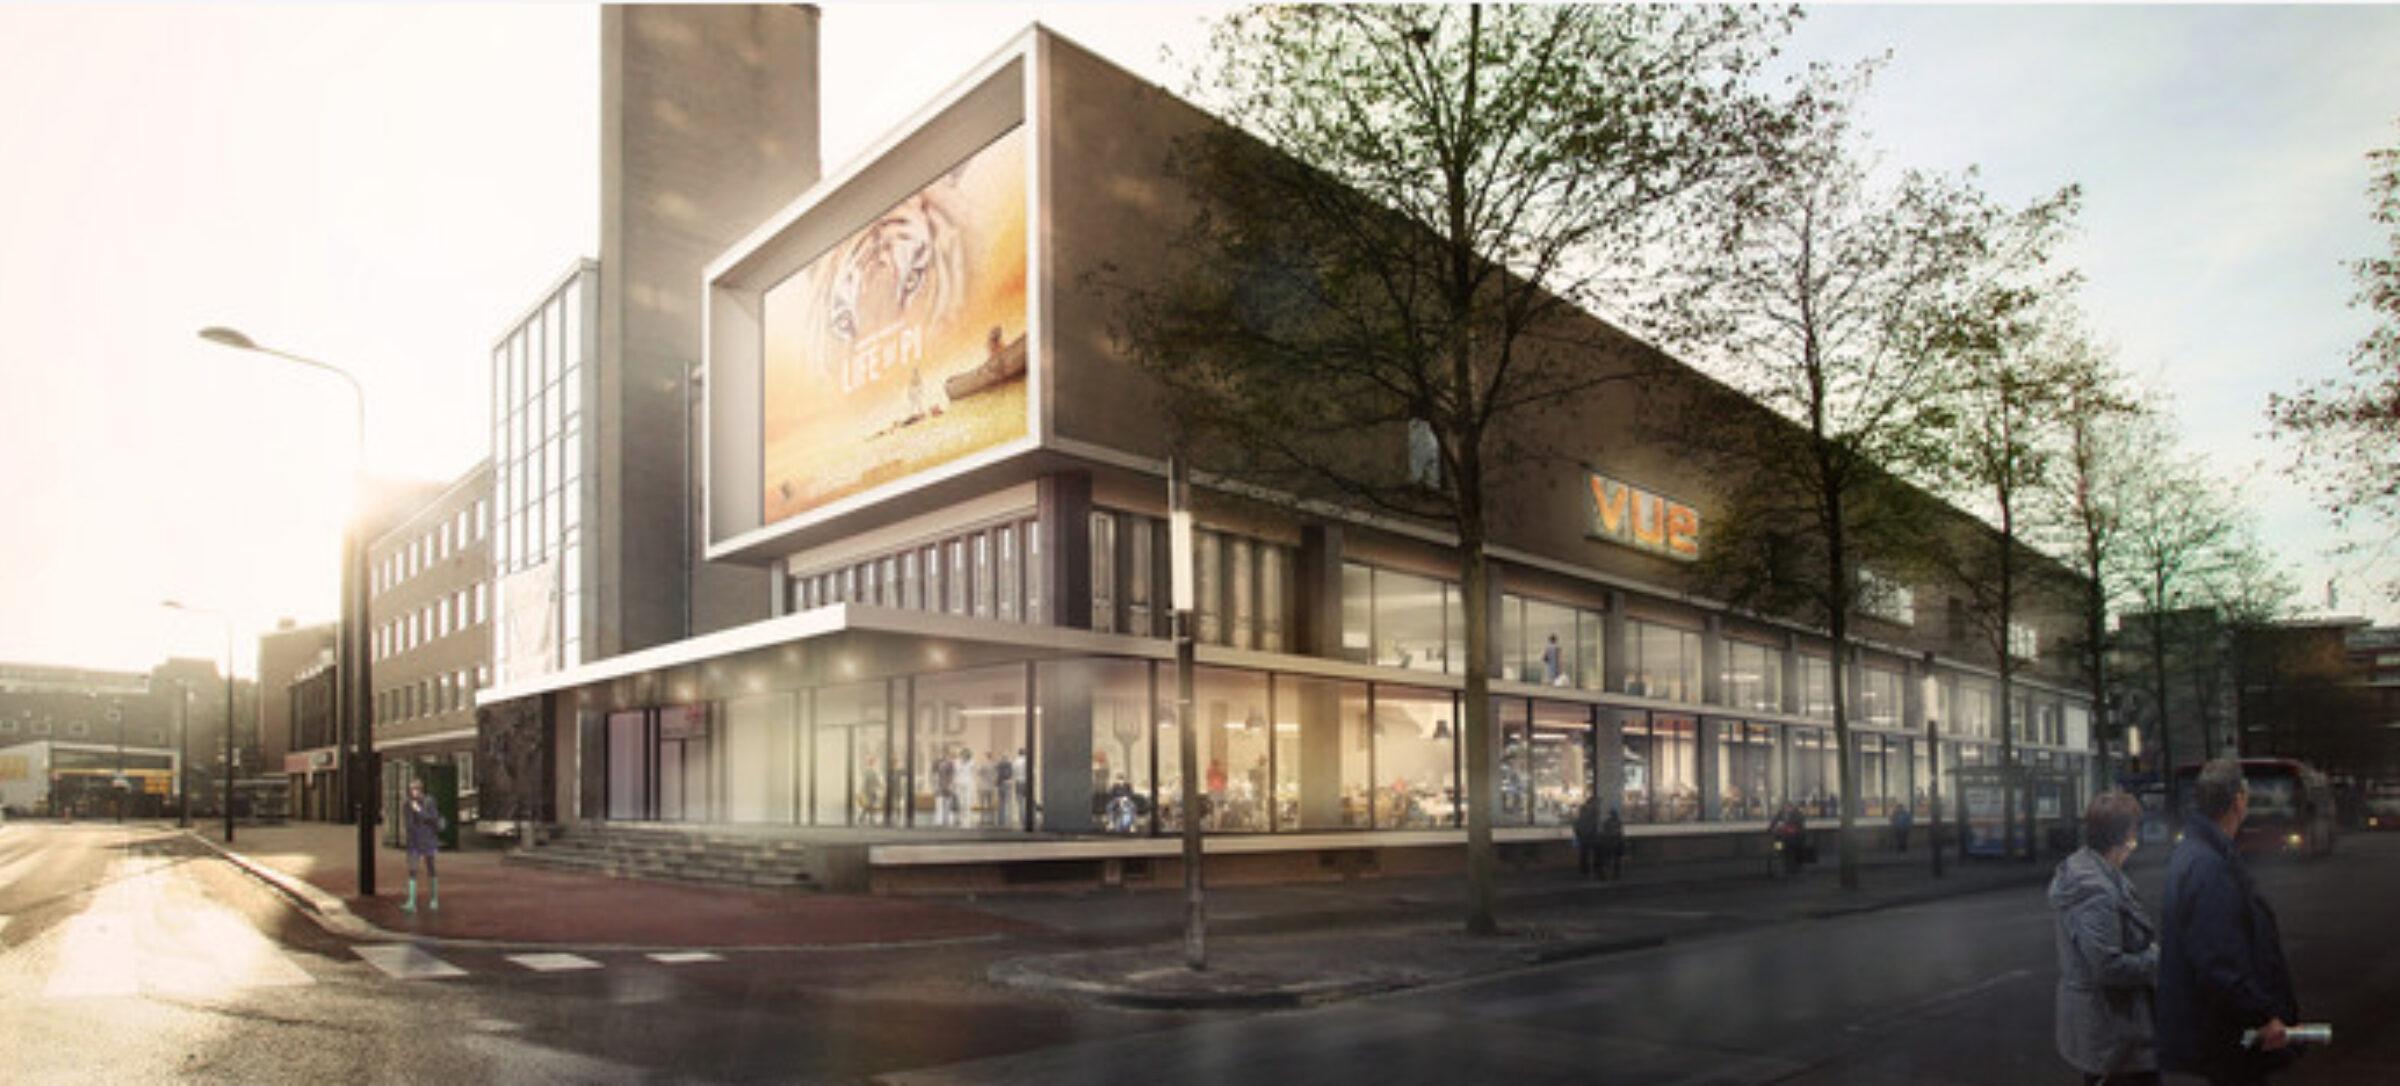 Vue Cinema Enschede